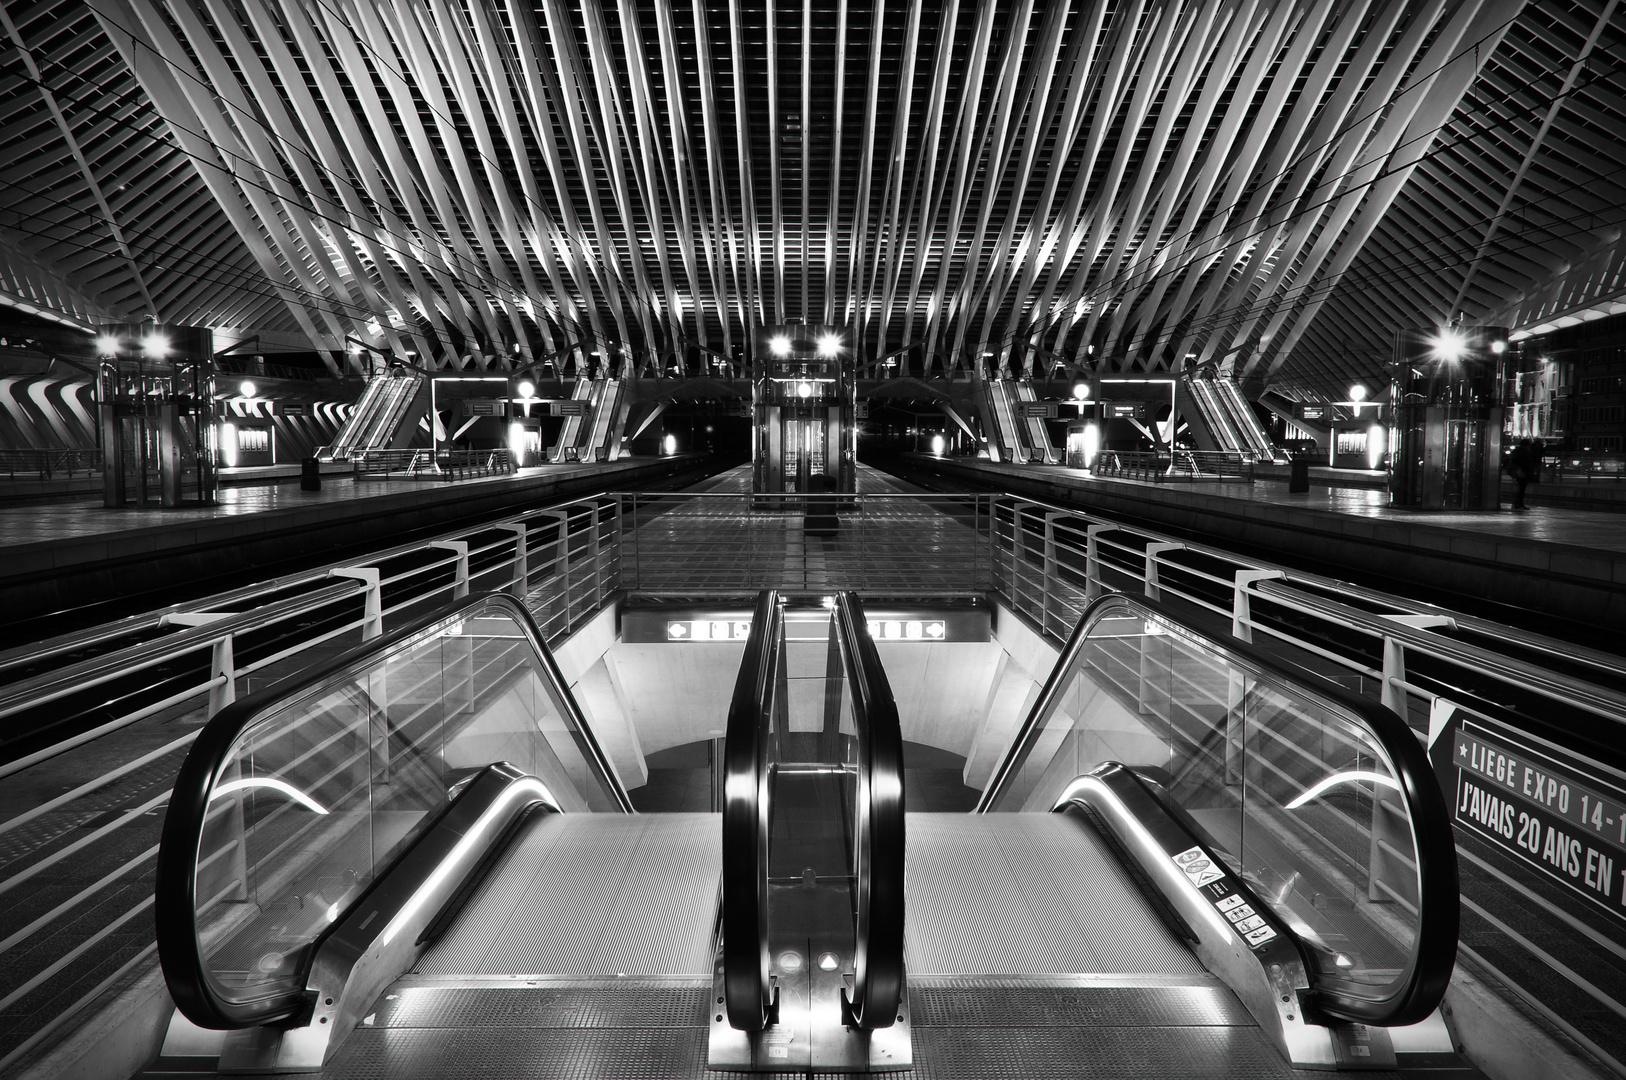 Liege Stairway